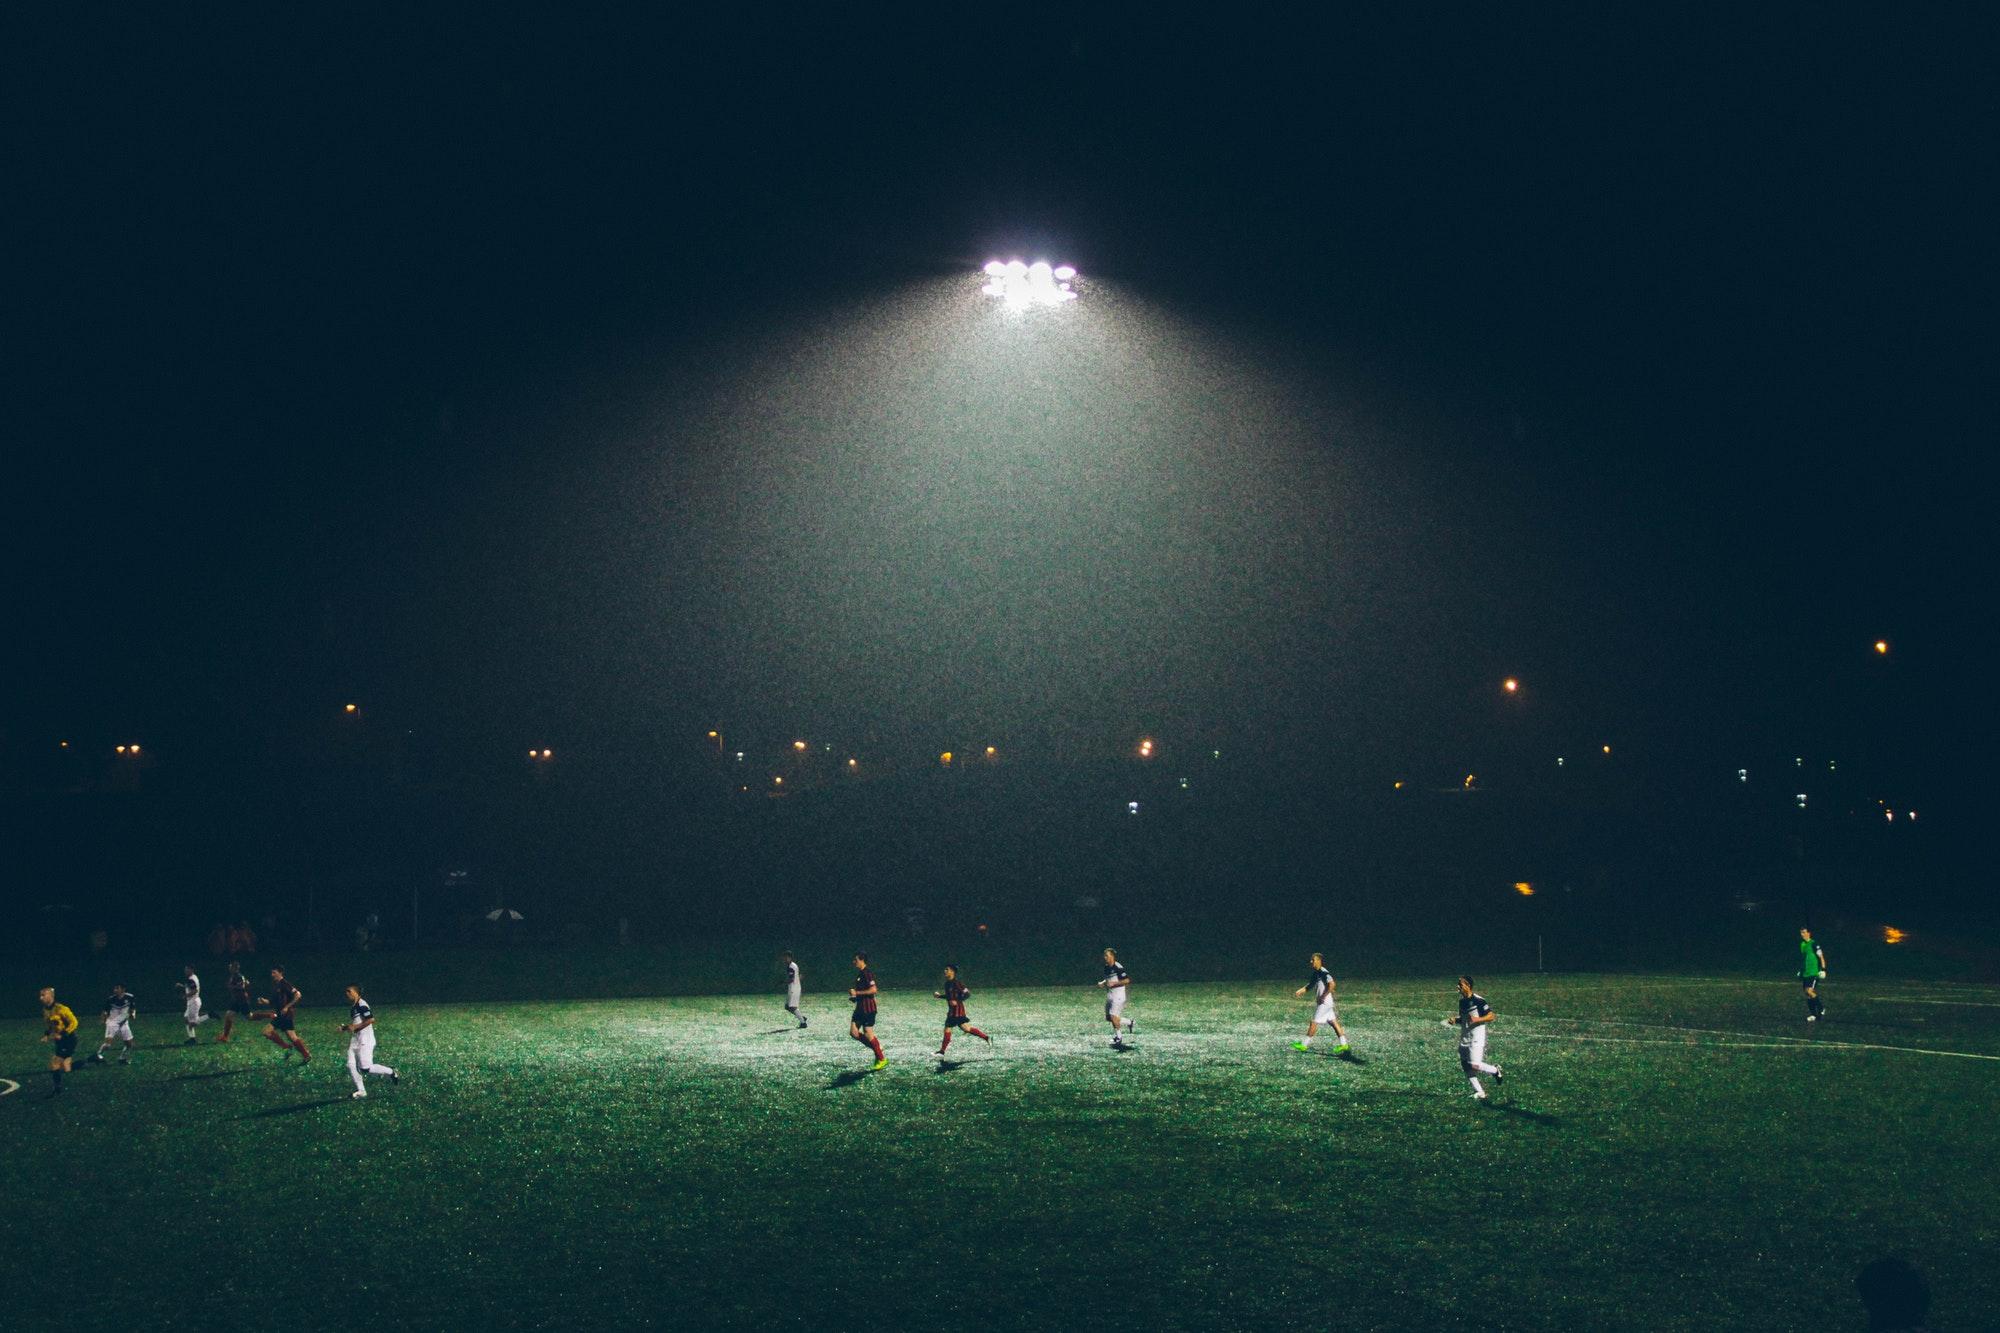 PRIVIT soccer game image